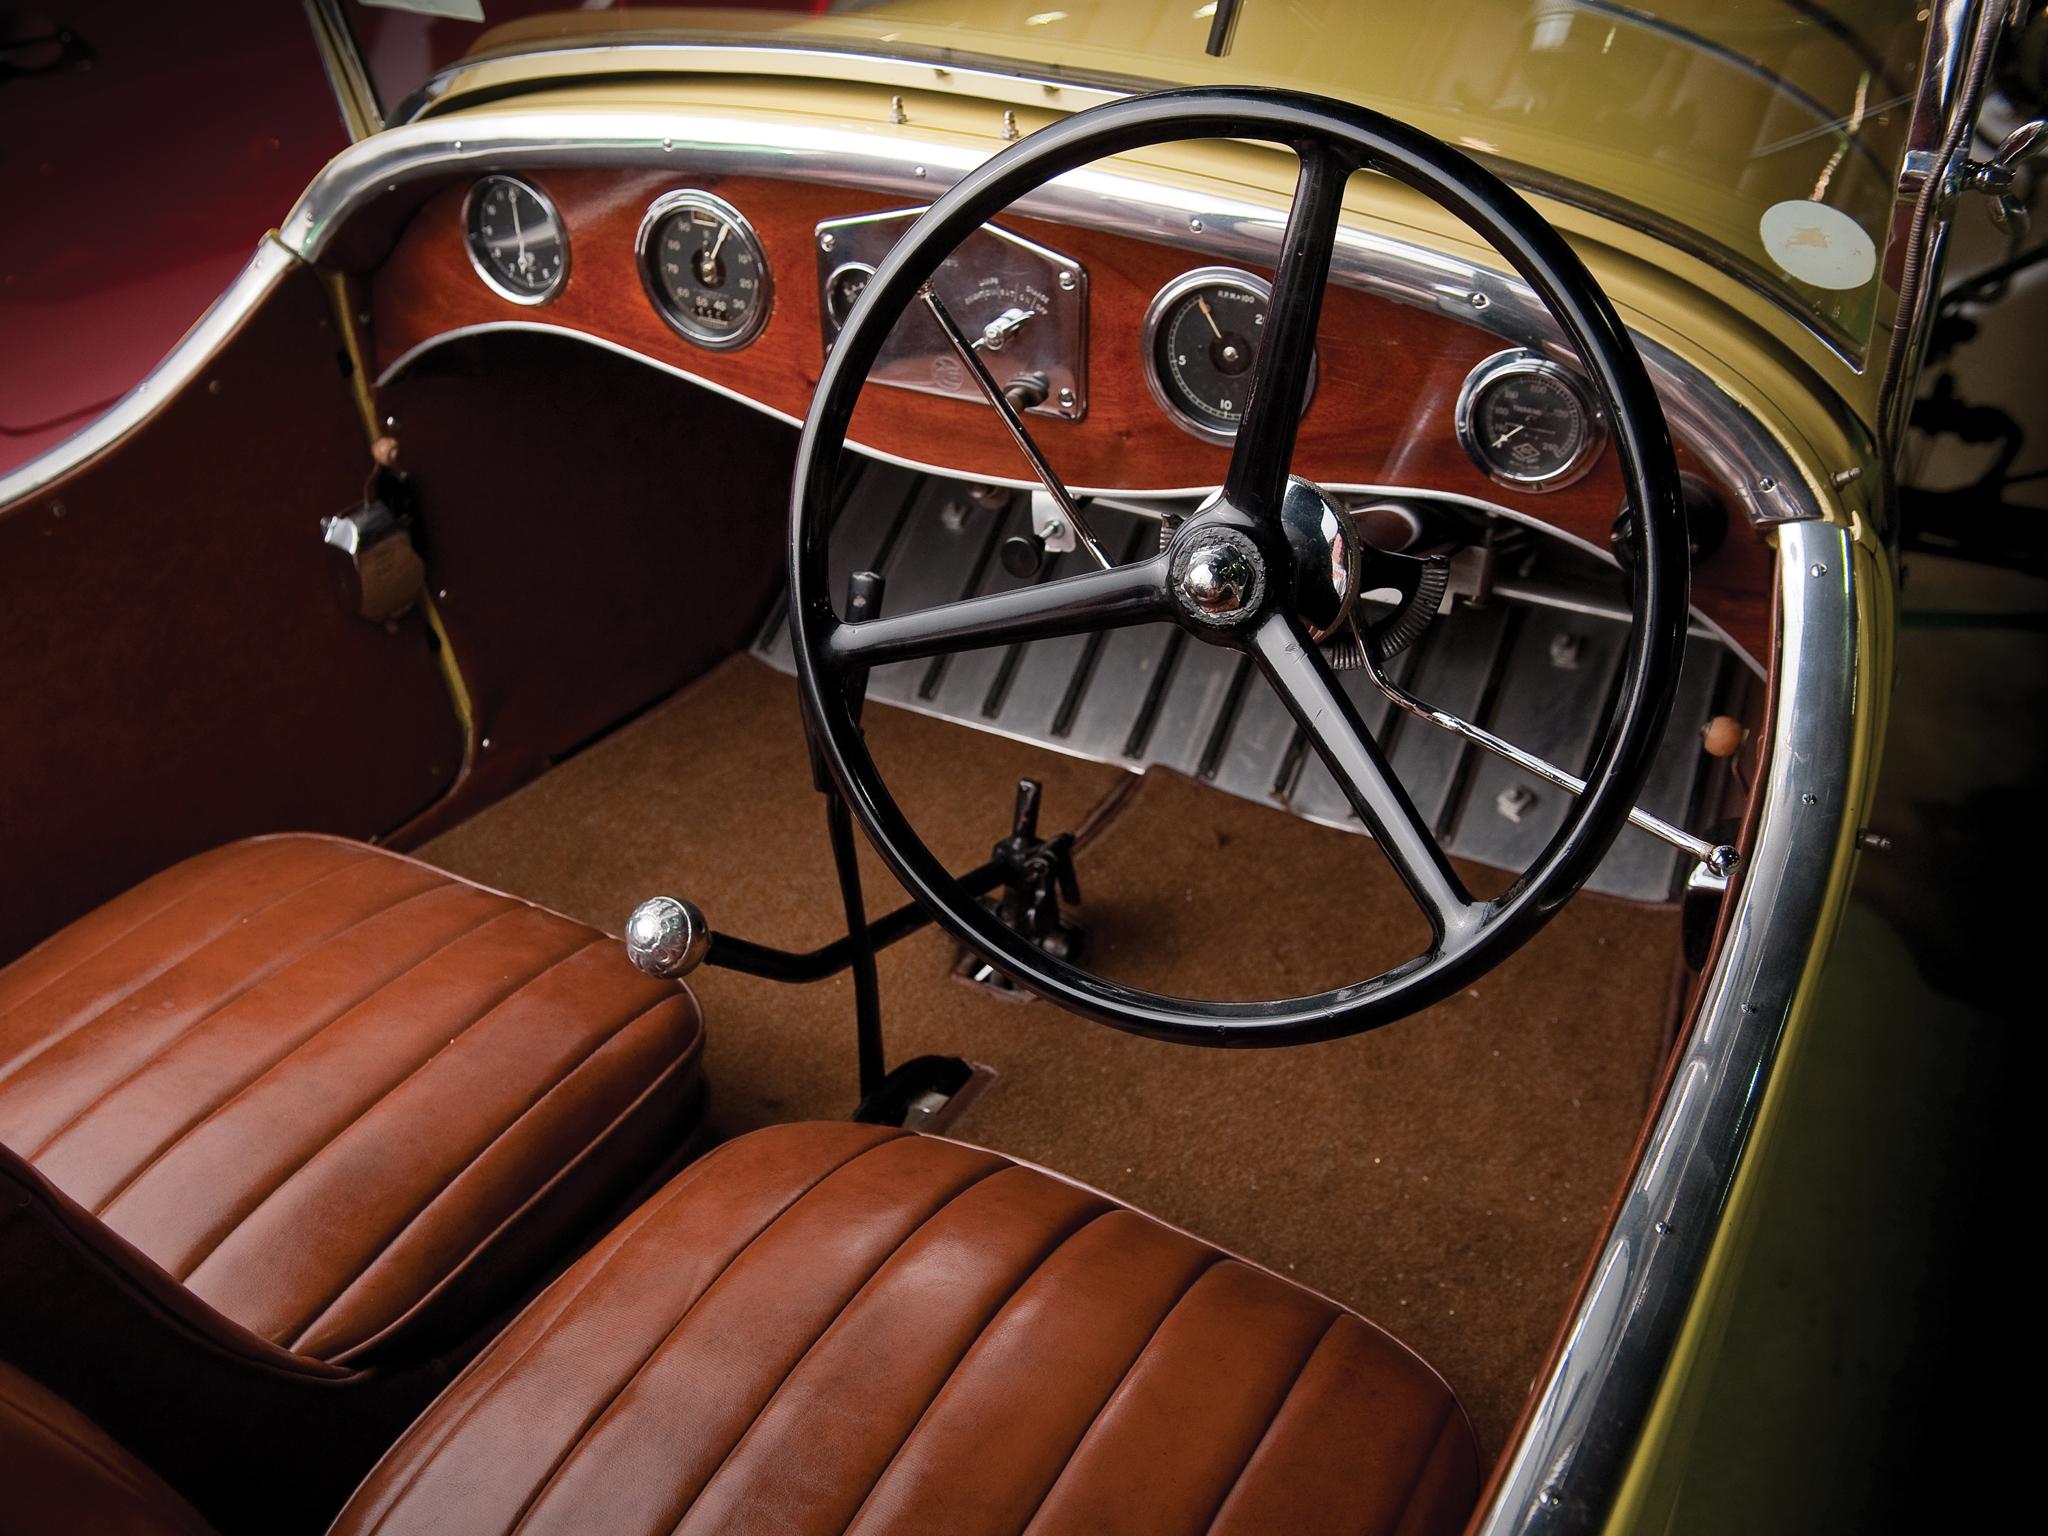 1929 ford model t frontenac speedster retro interior g wallpaper 2048x1536 142179 wallpaperup